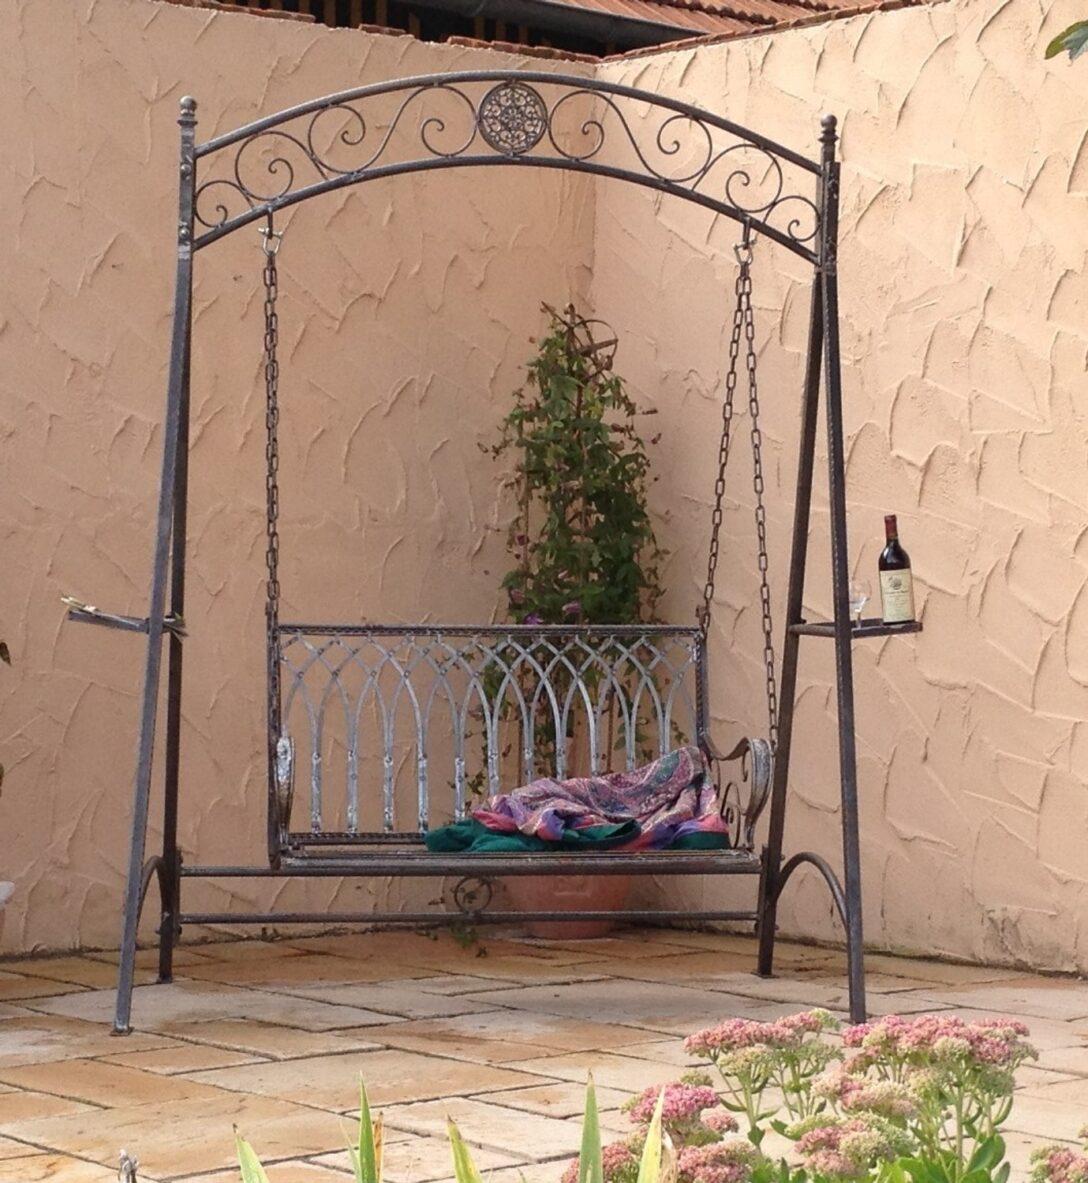 Large Size of Gartenschaukel Metall Landhaus Eisen Schmiedeeisen Hollywood Garten Schaukel Romantico Bett Regal Weiß Regale Wohnzimmer Gartenschaukel Metall